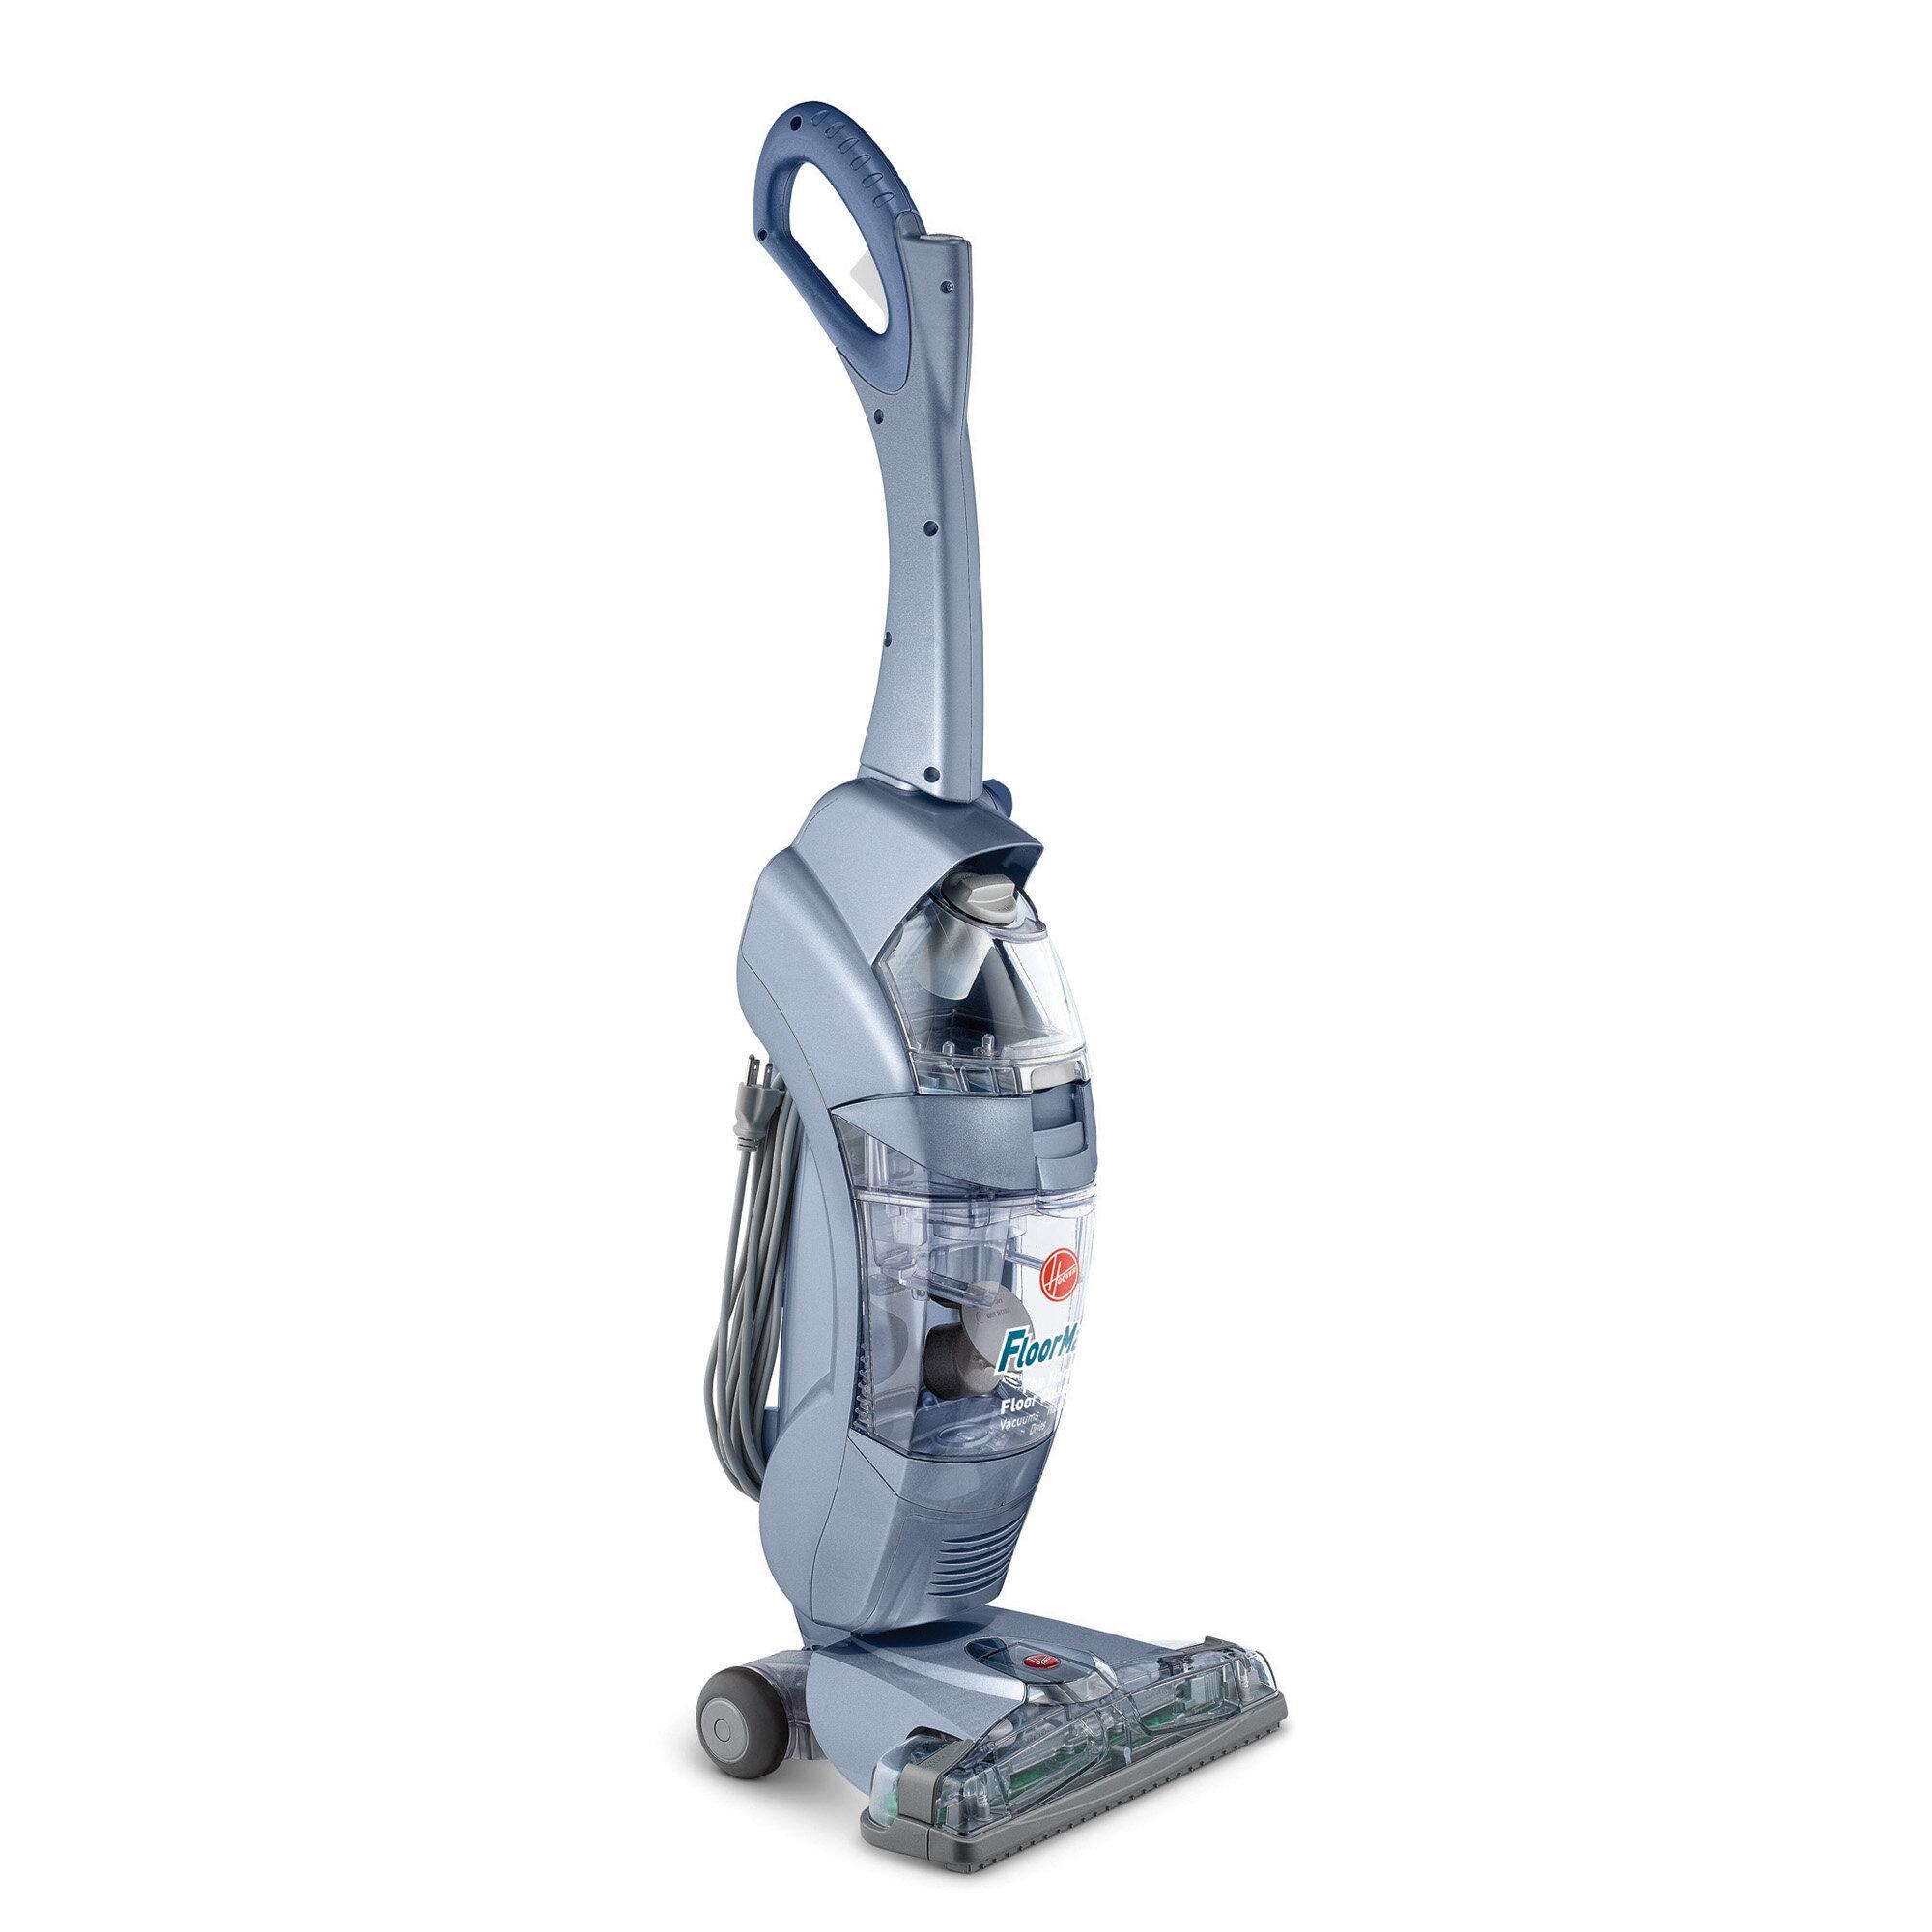 Hoover floormate spinscrub widepath hard floor cleaner reviews hoover floormate spinscrub widepath hard floor cleaner reviews wayfair dailygadgetfo Gallery